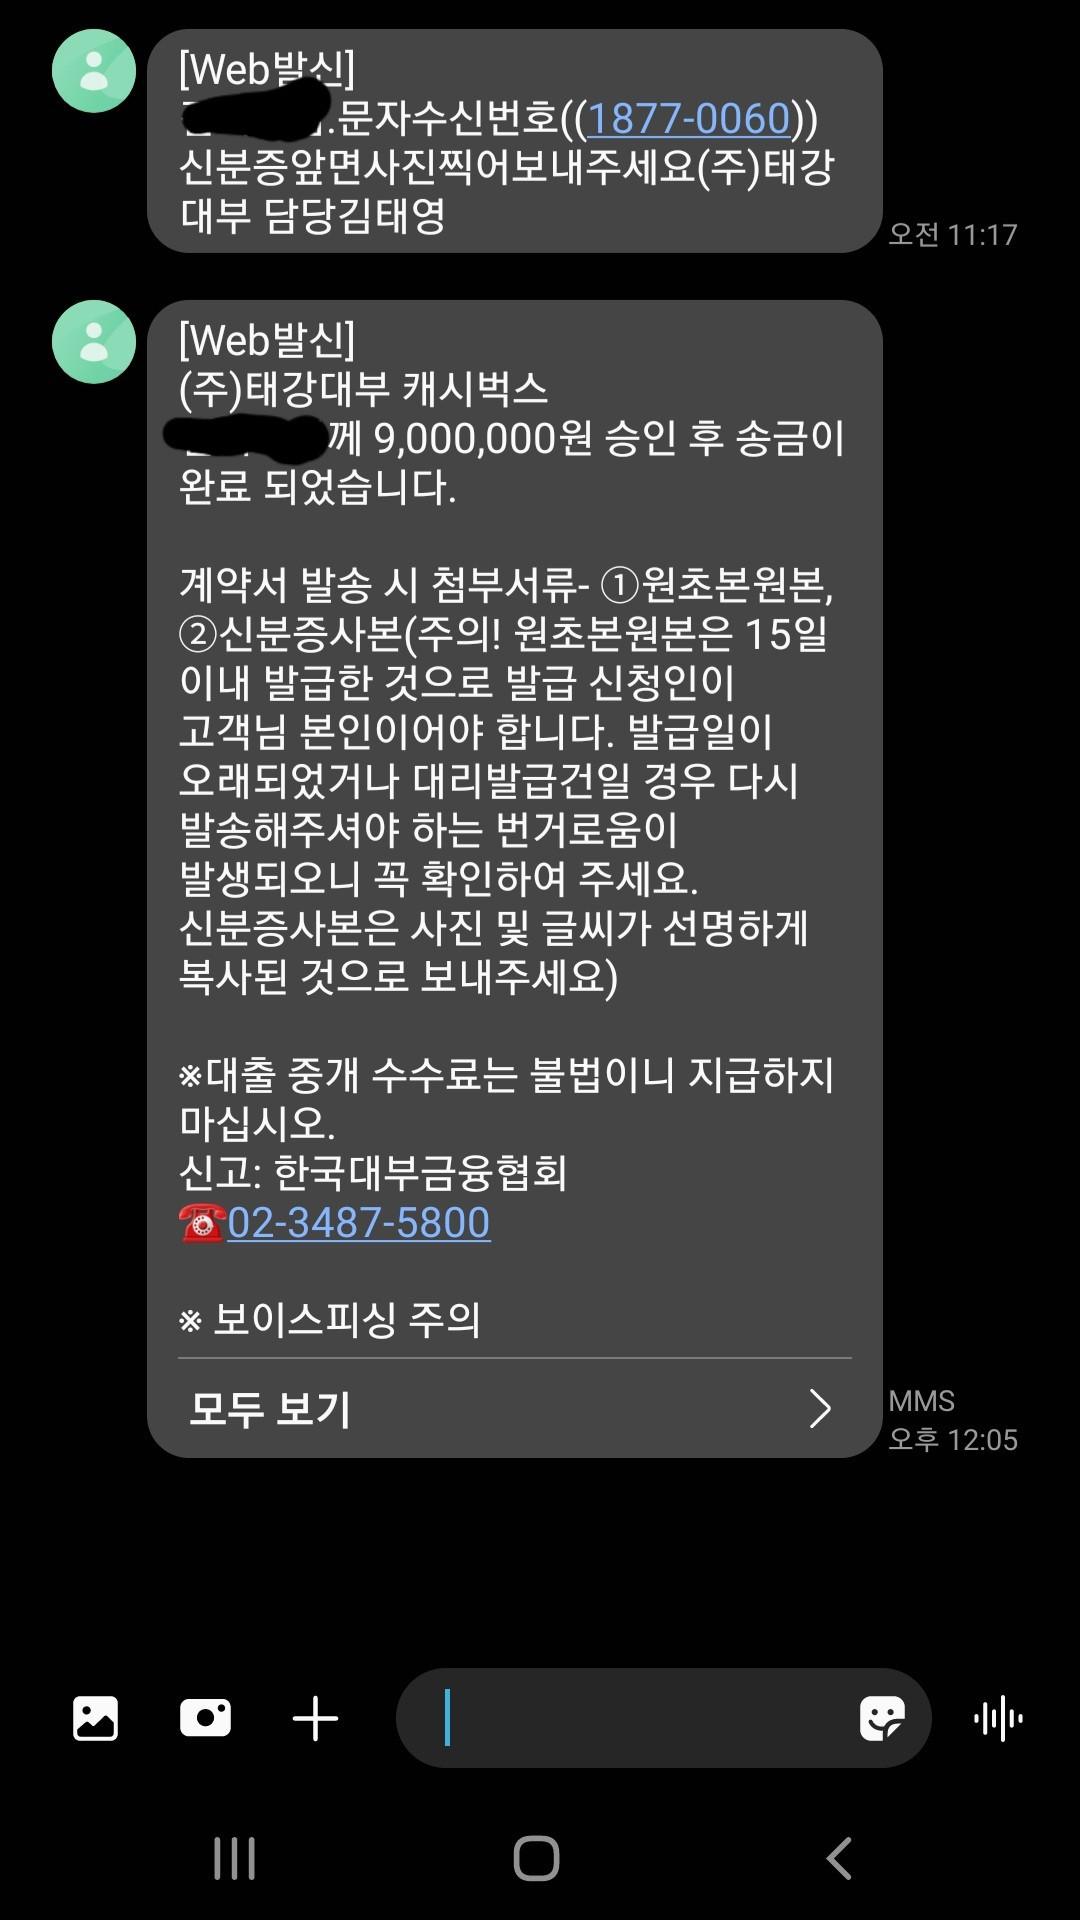 85dc8202b87da4d9e692da684700da95.jpg